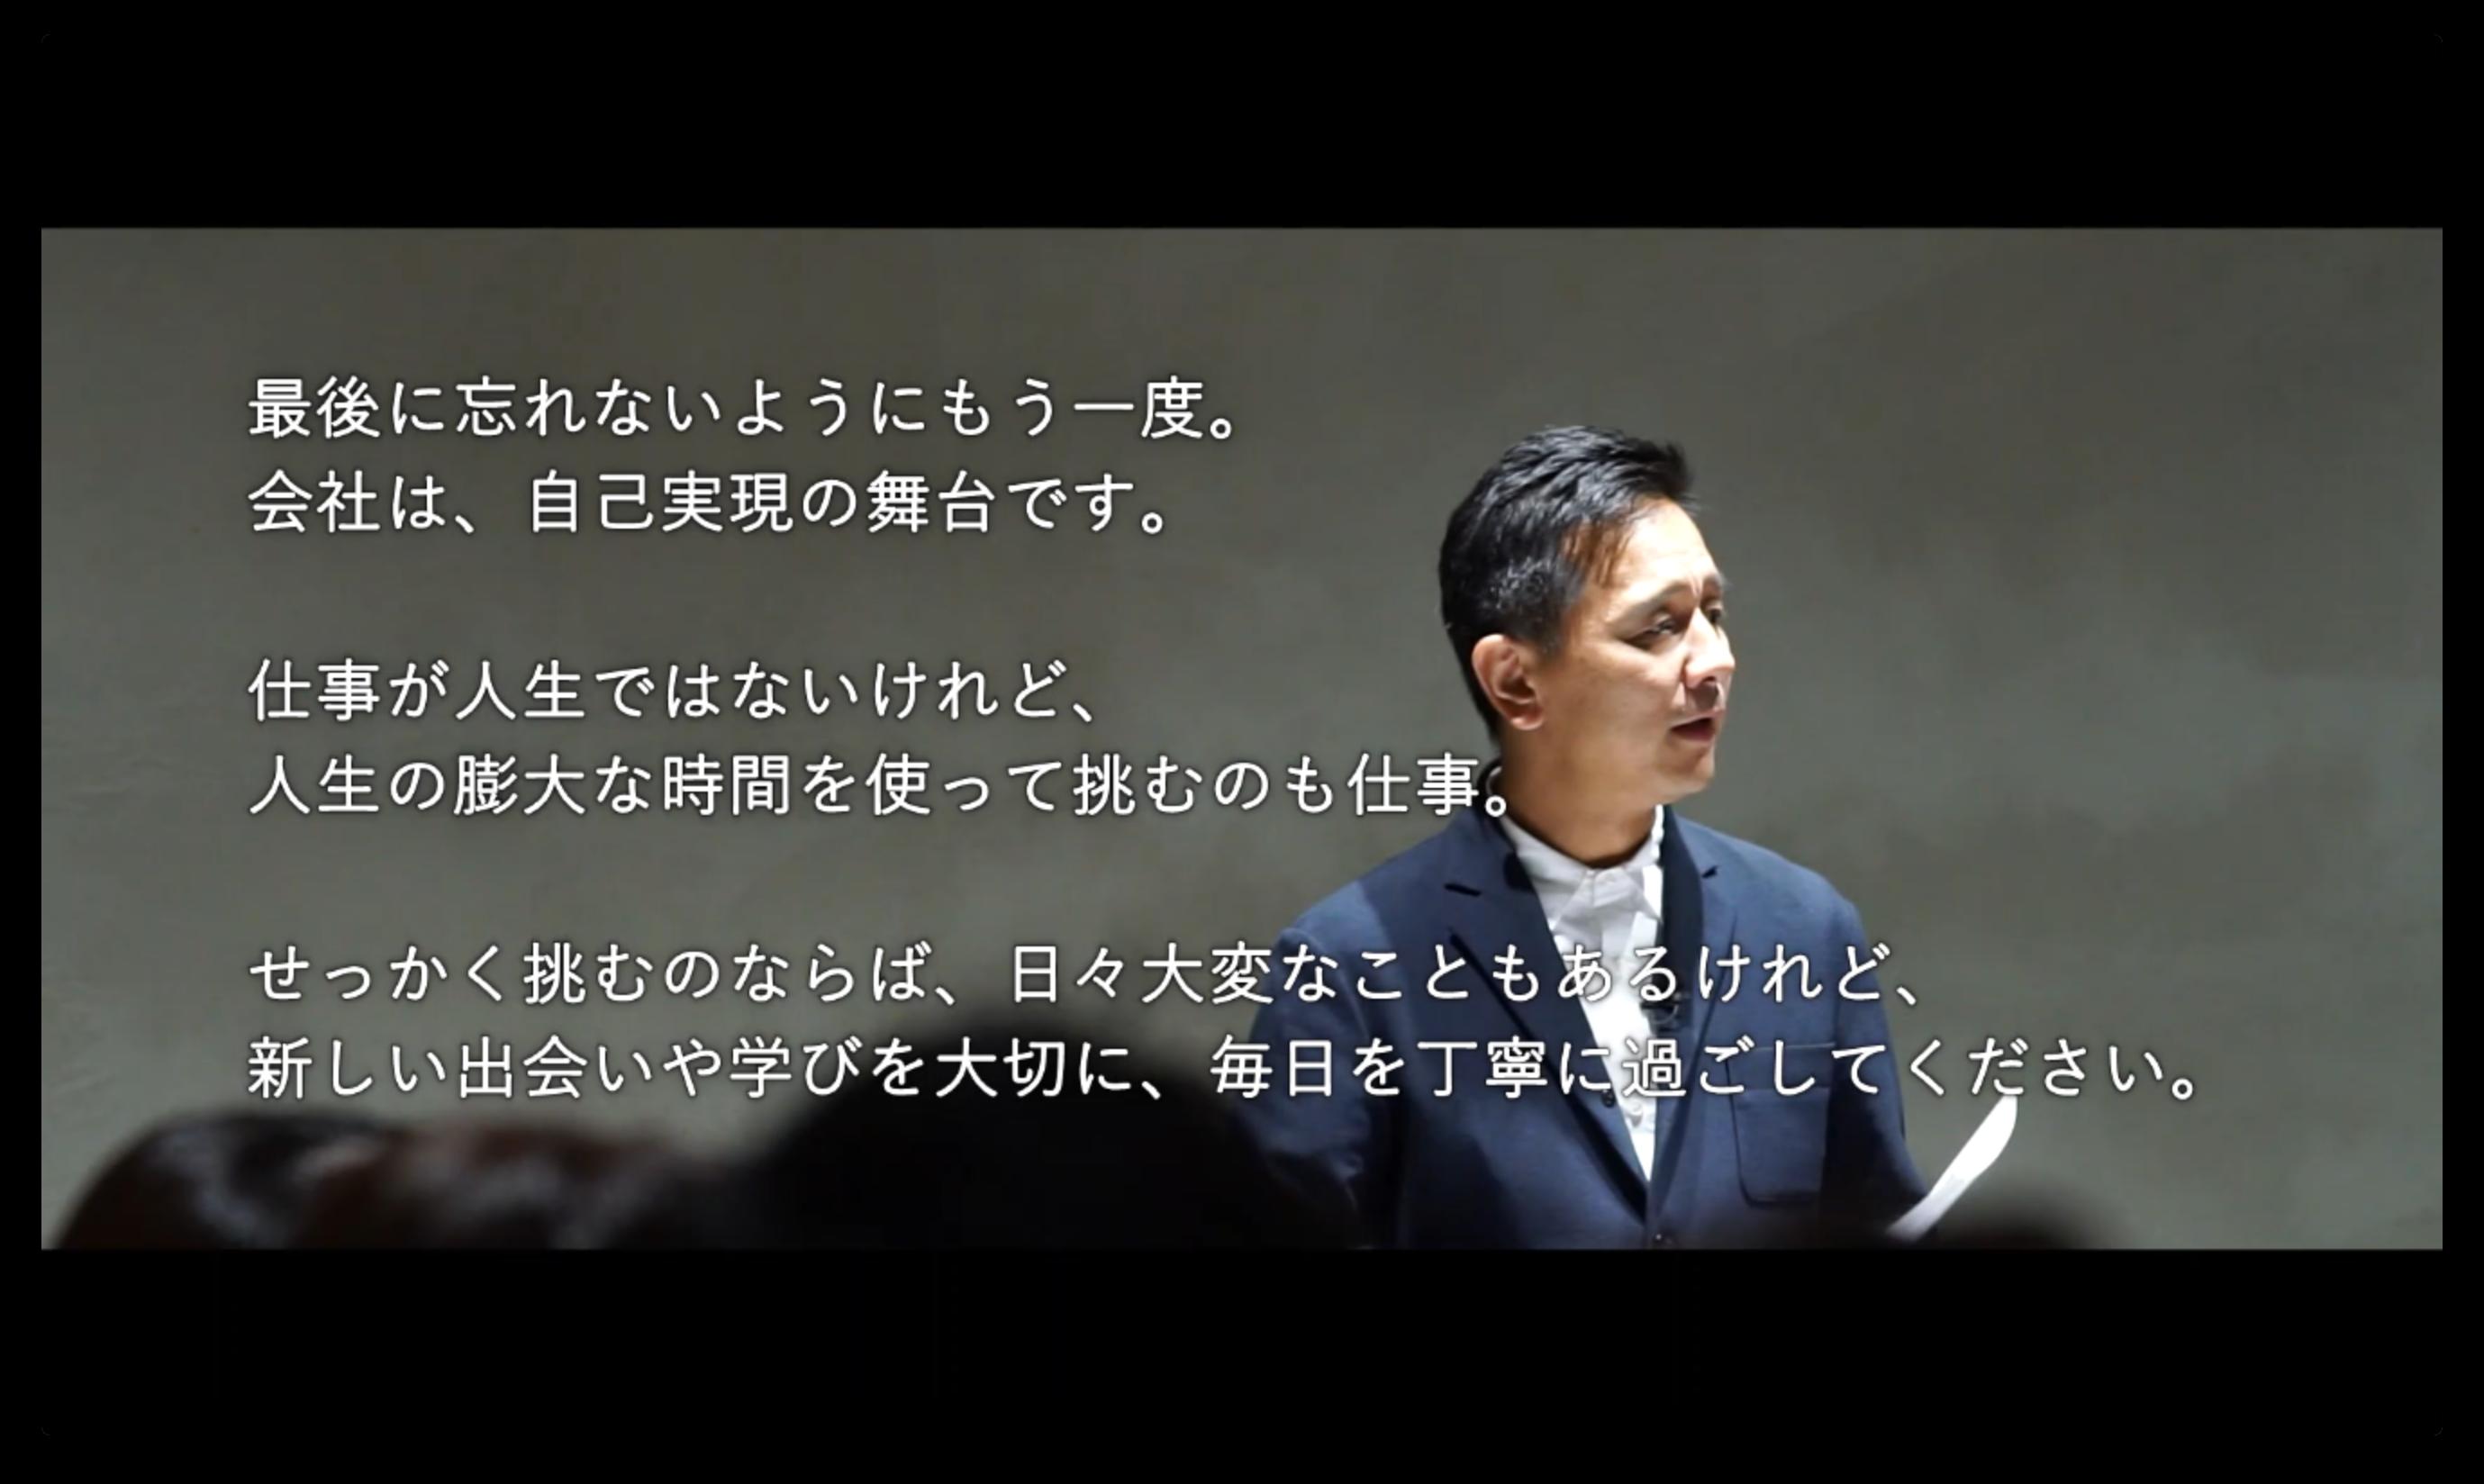 入社式当日ハイライト映像